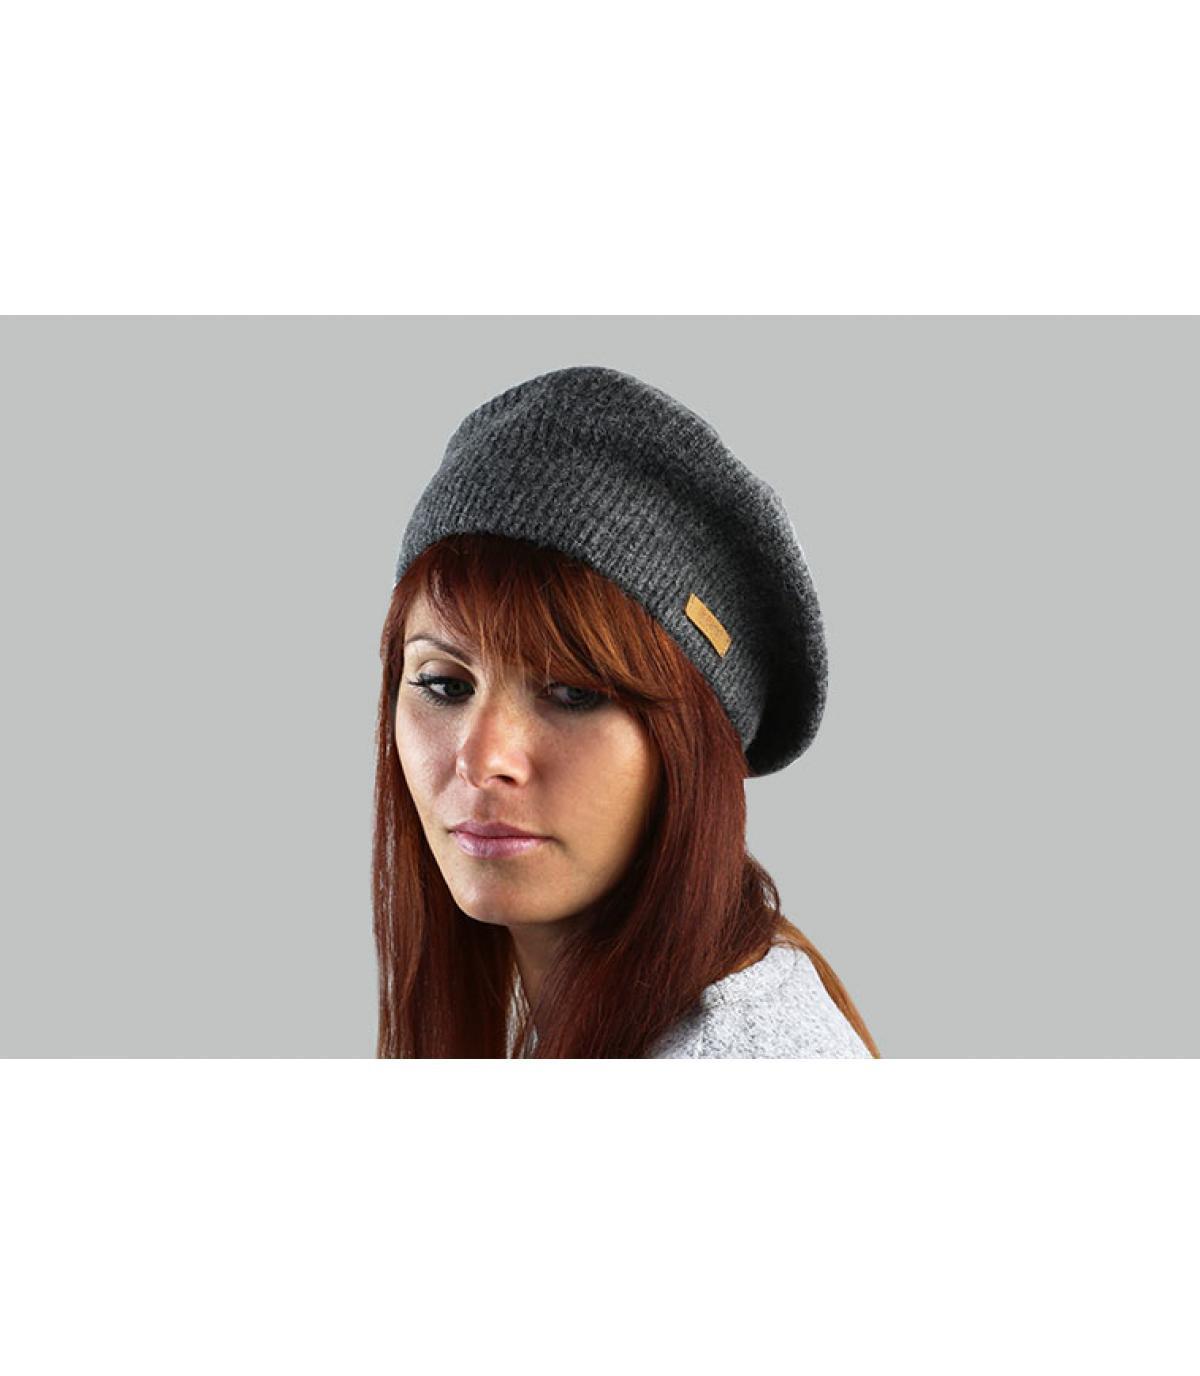 Barts donna berretto grigio